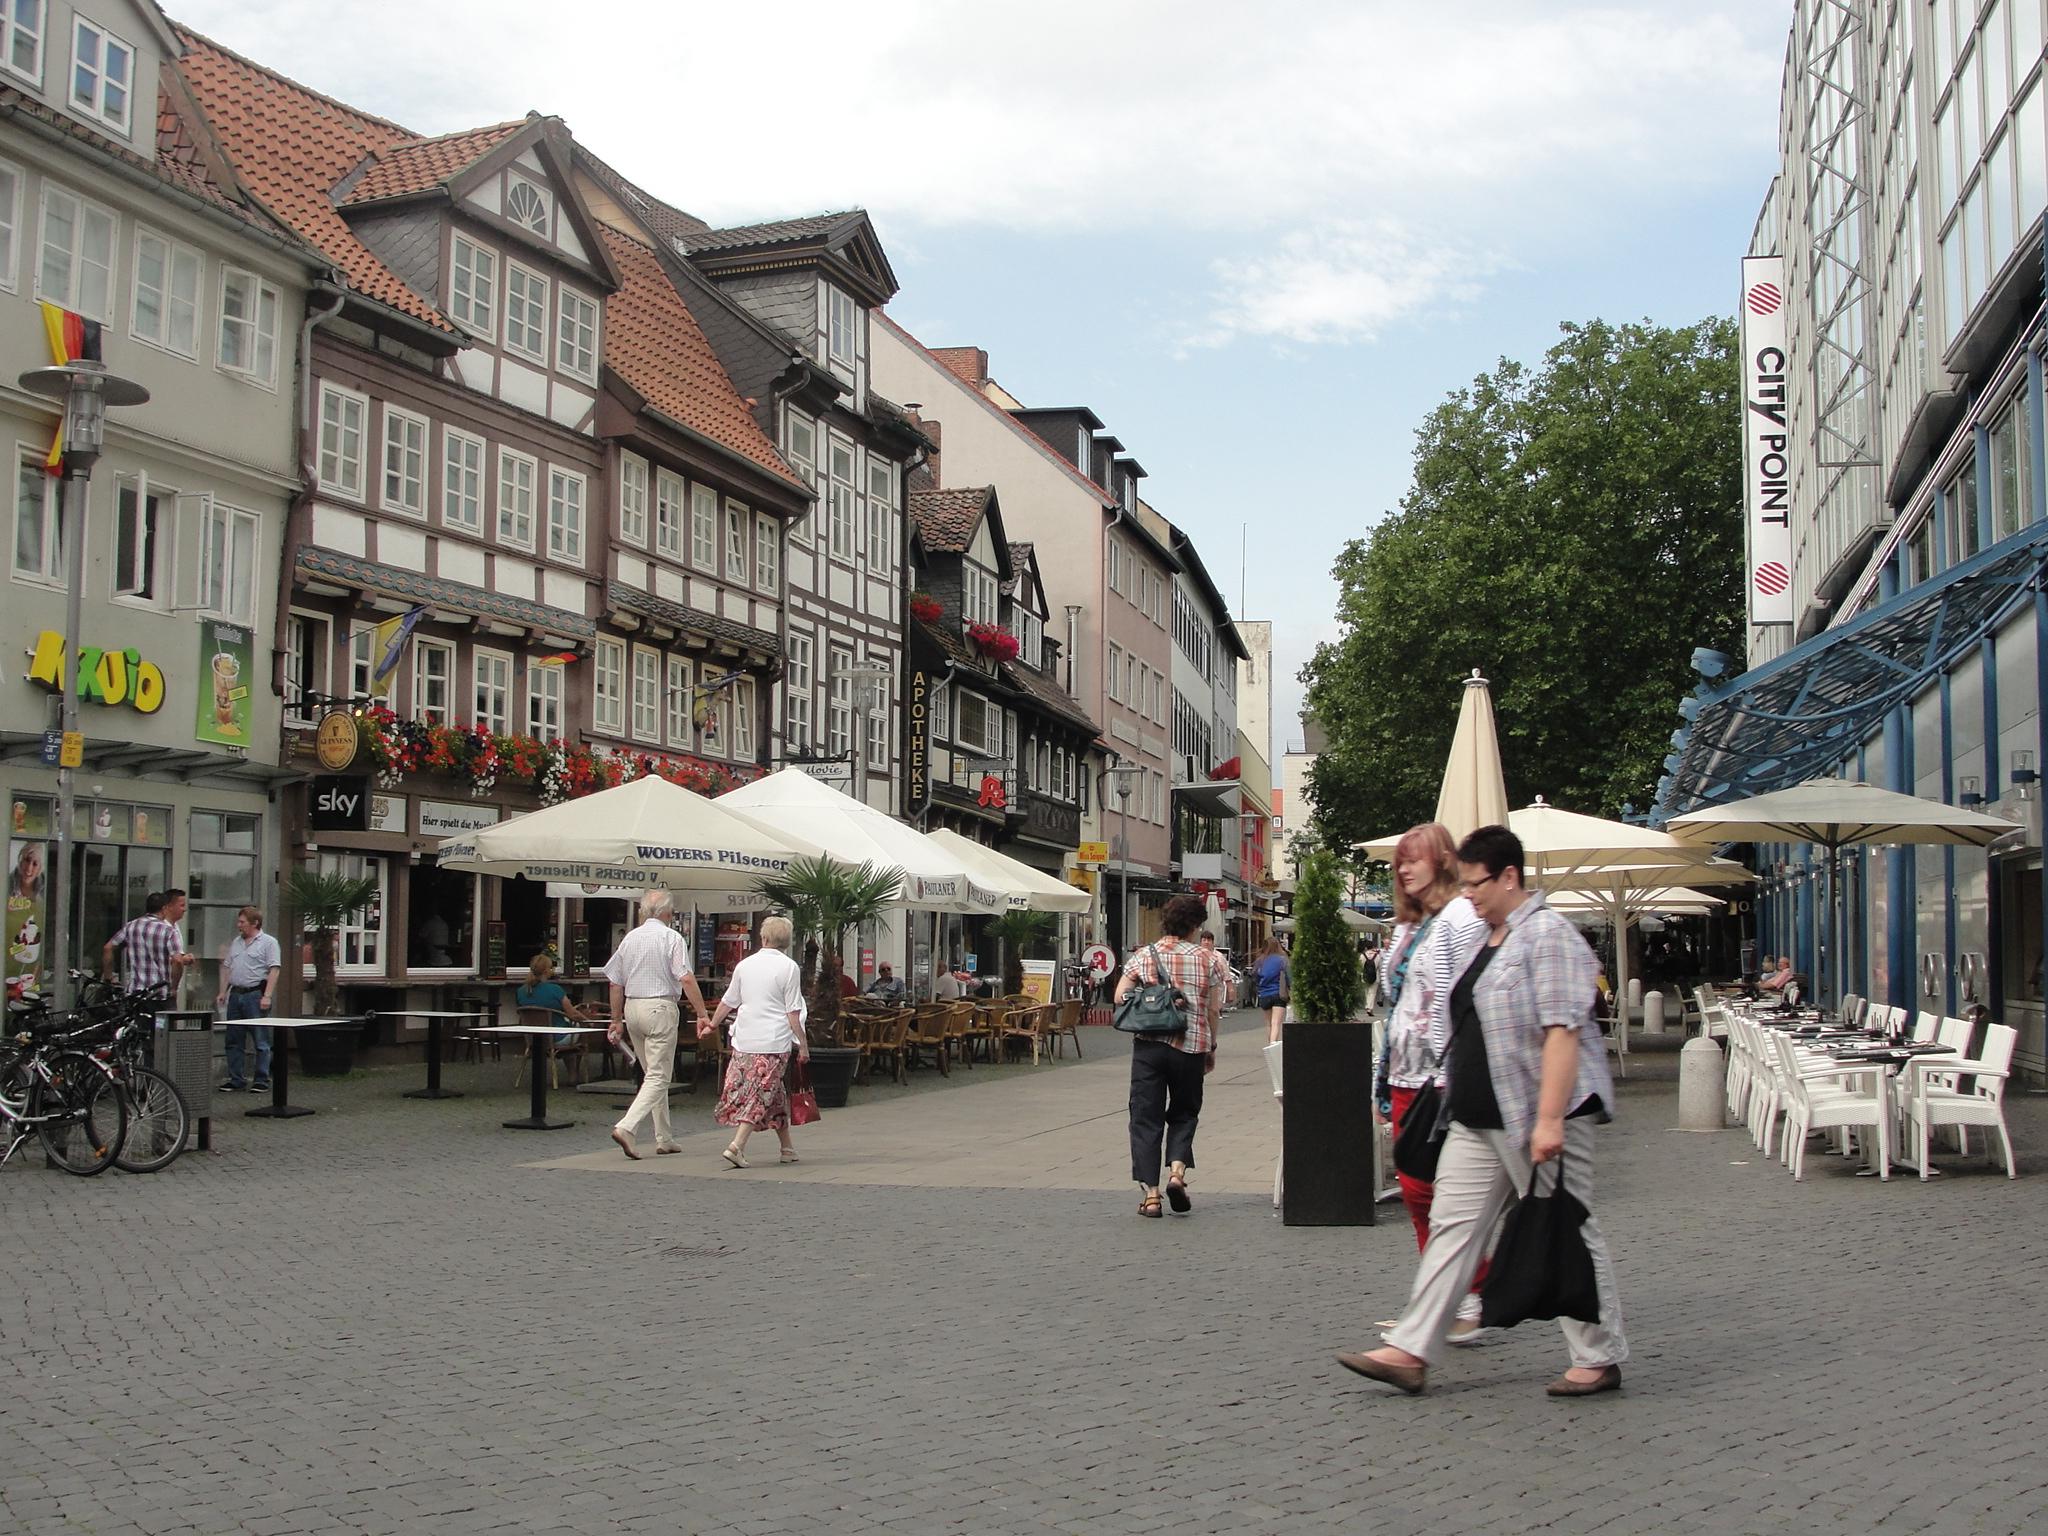 Peine Germany  city pictures gallery : Germany Vöhrum, Peine, Braunschweig und Hannover | Eat O Live